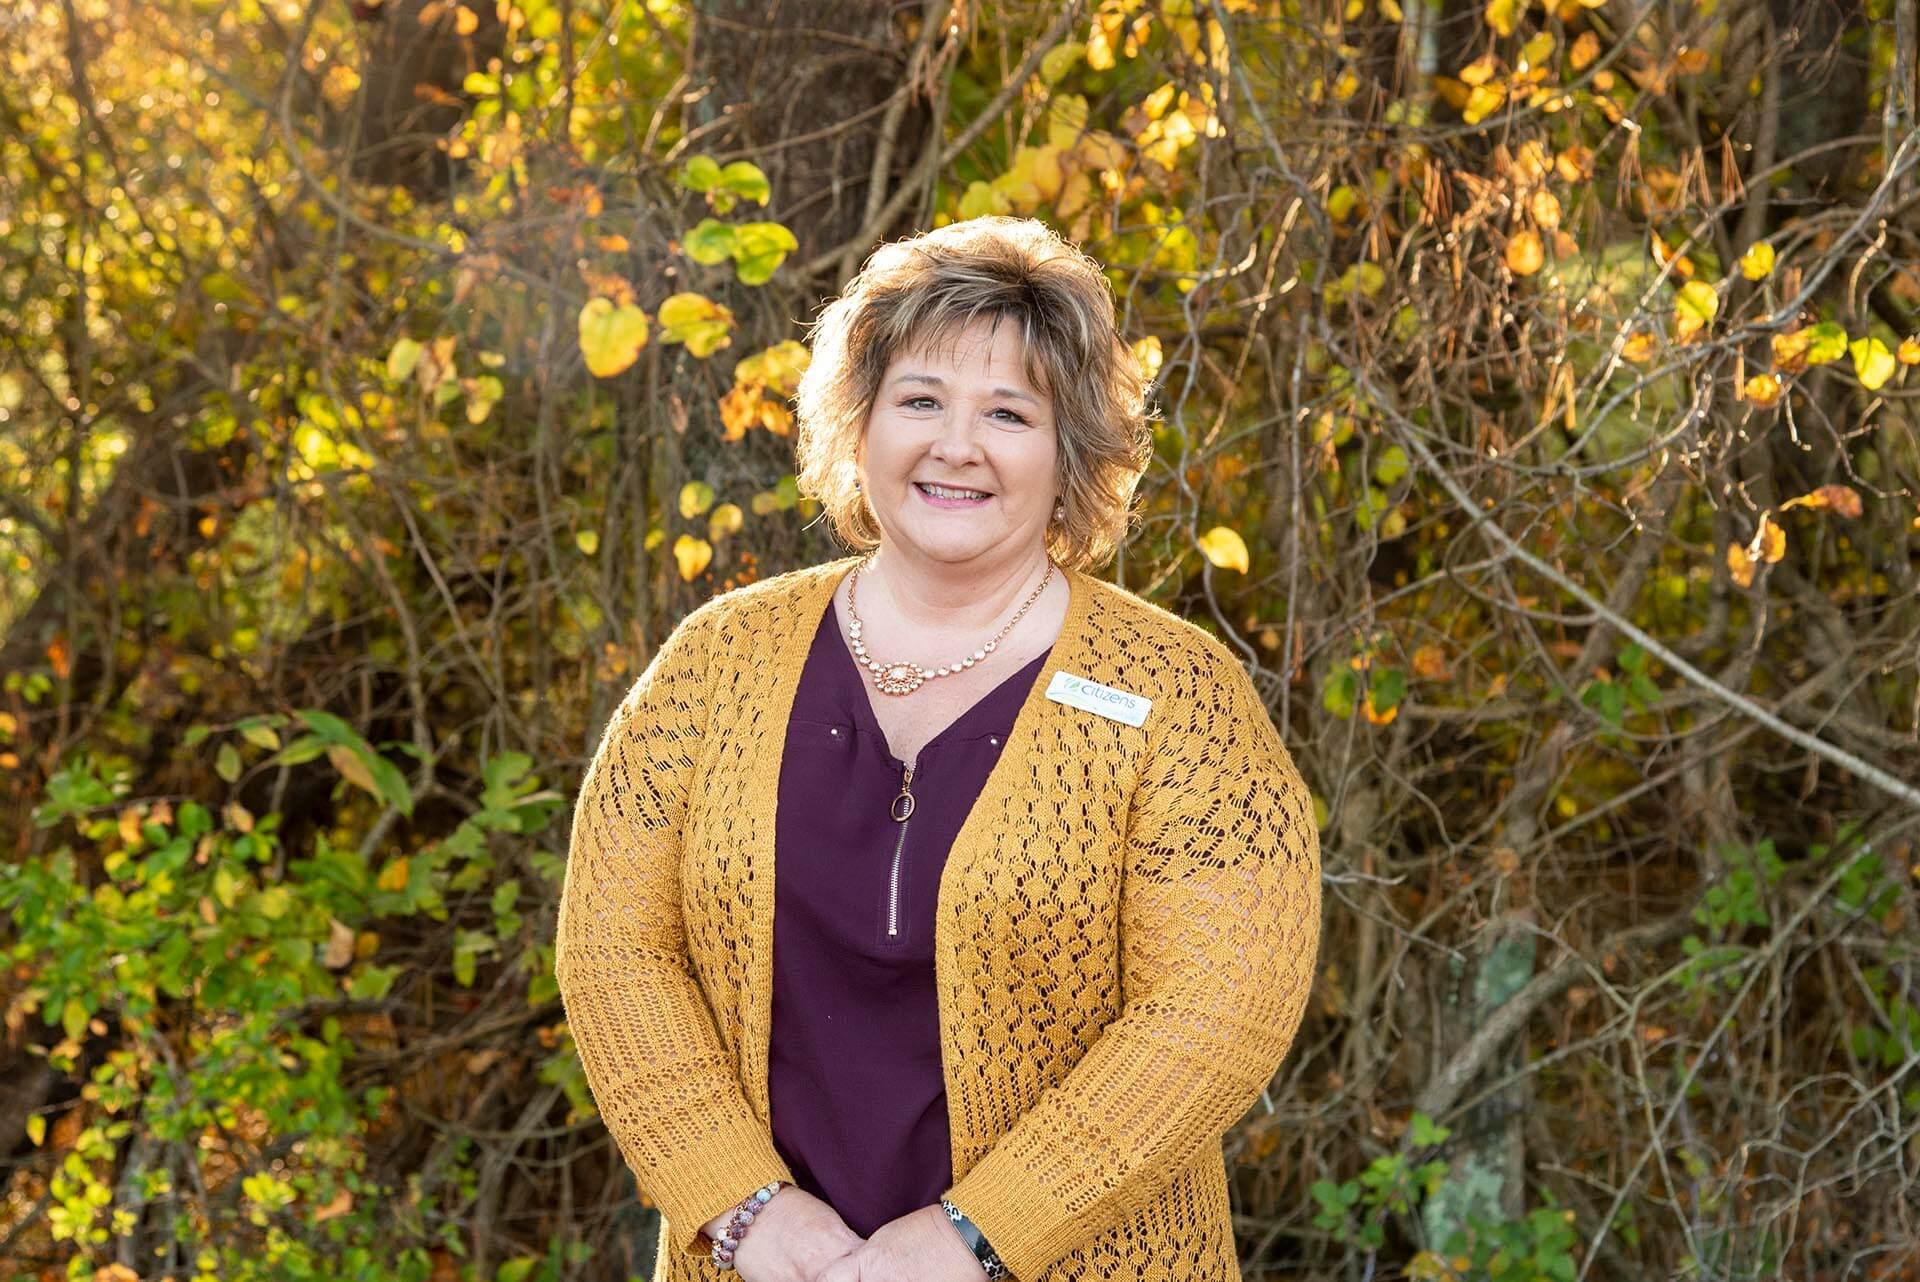 Lori Saltus